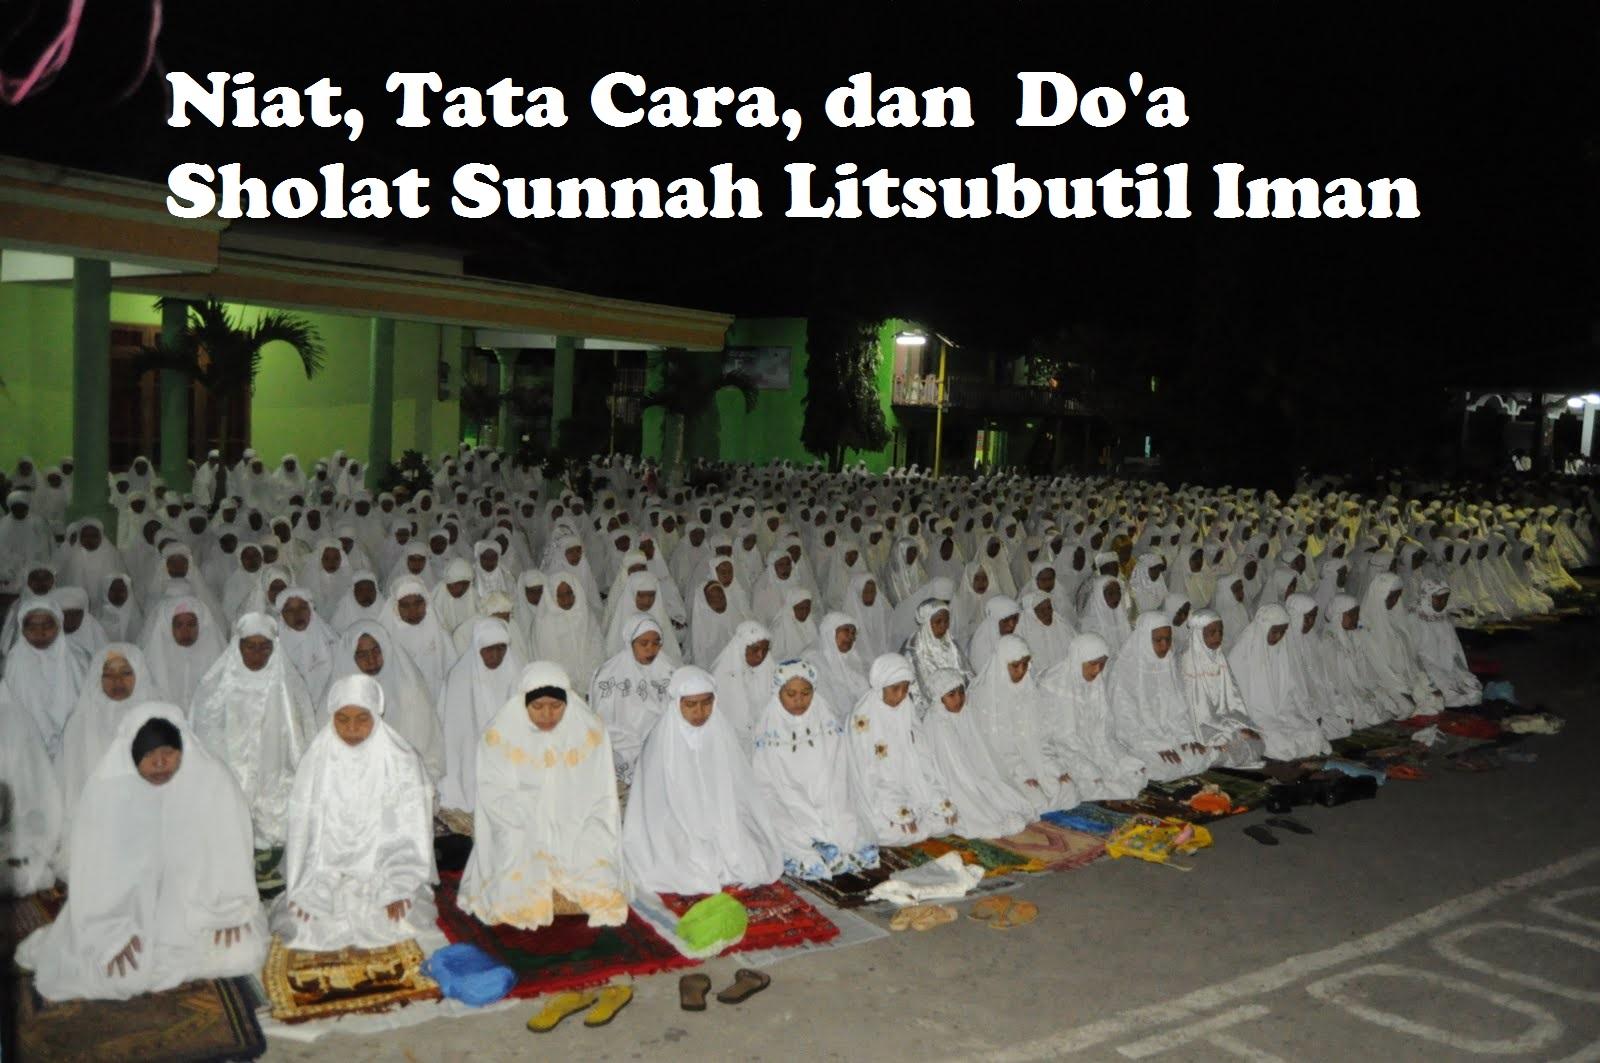 Tata Cara Serta Niat Sholat Sunnah Litsubutil Iman Lengkap Arab Latin dan Arti Serta Doanya